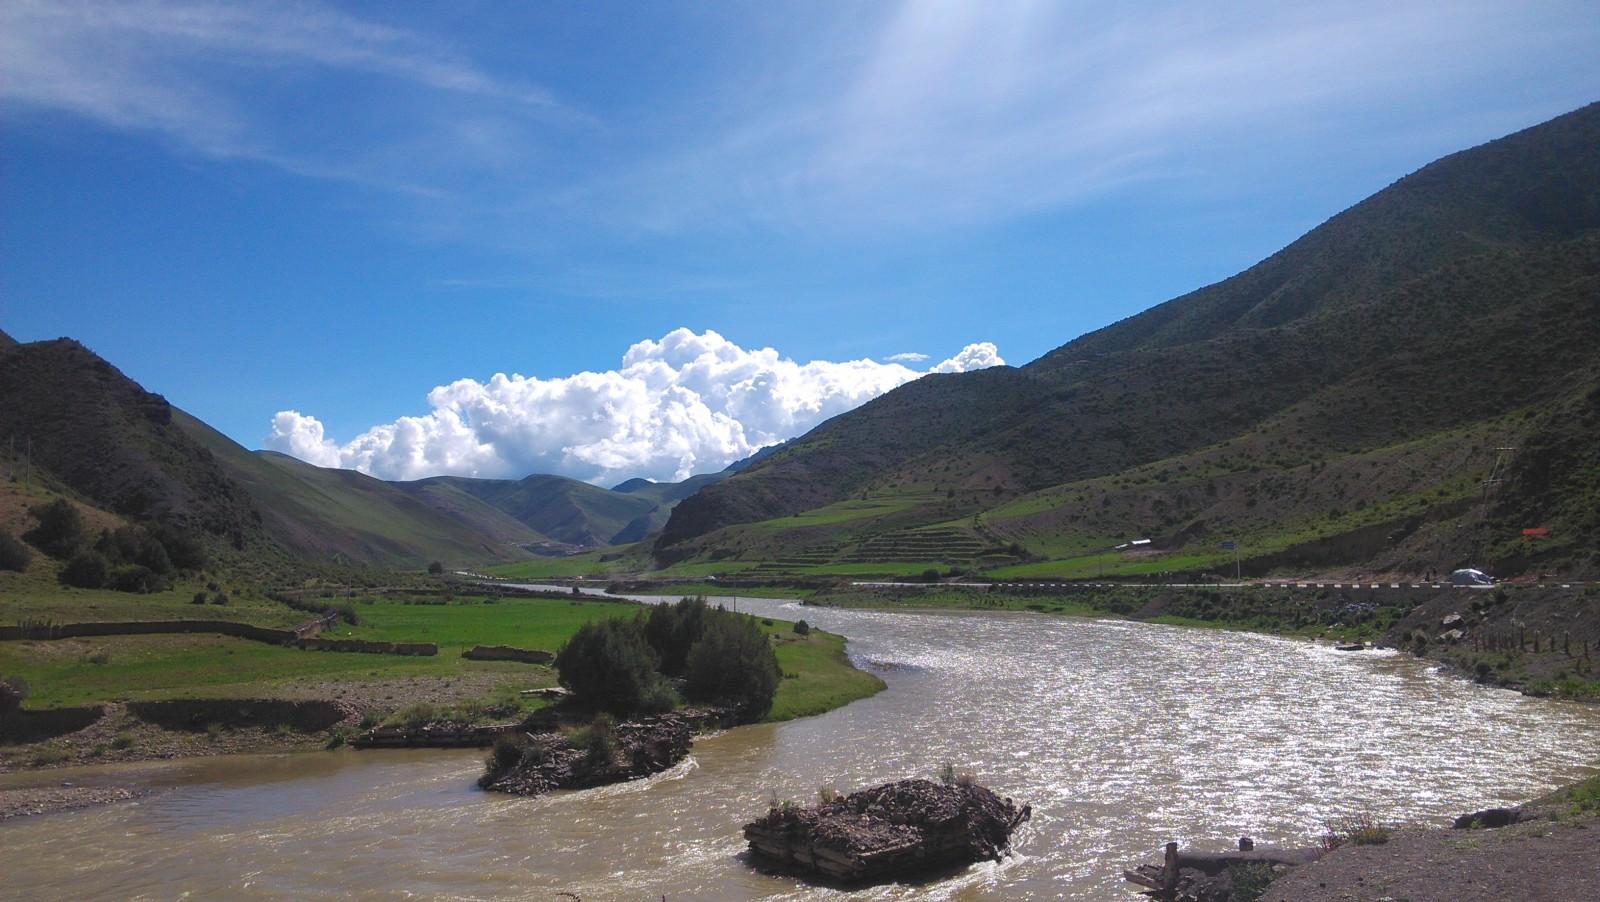 蜿蜒曲折的河流